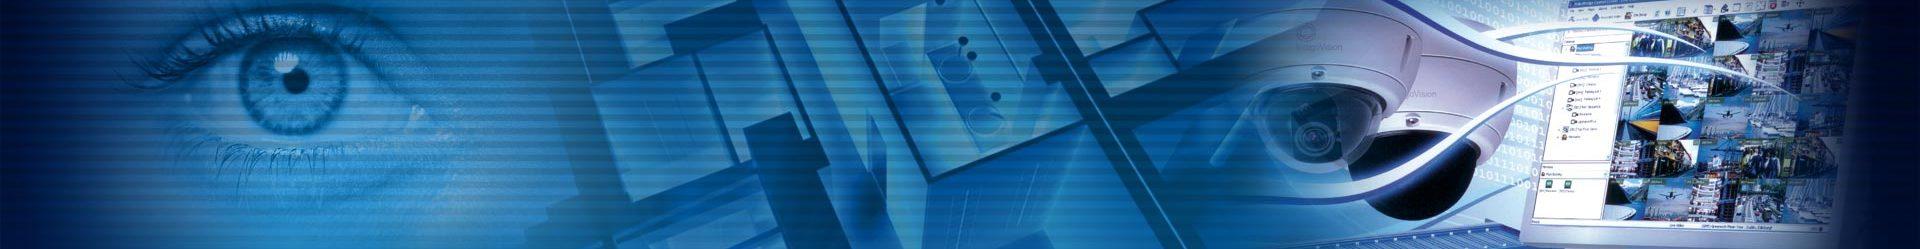 Illustration des services proposés par ADS Sécurité, spécialiste de la sécurité et de la vidéosurveillance.